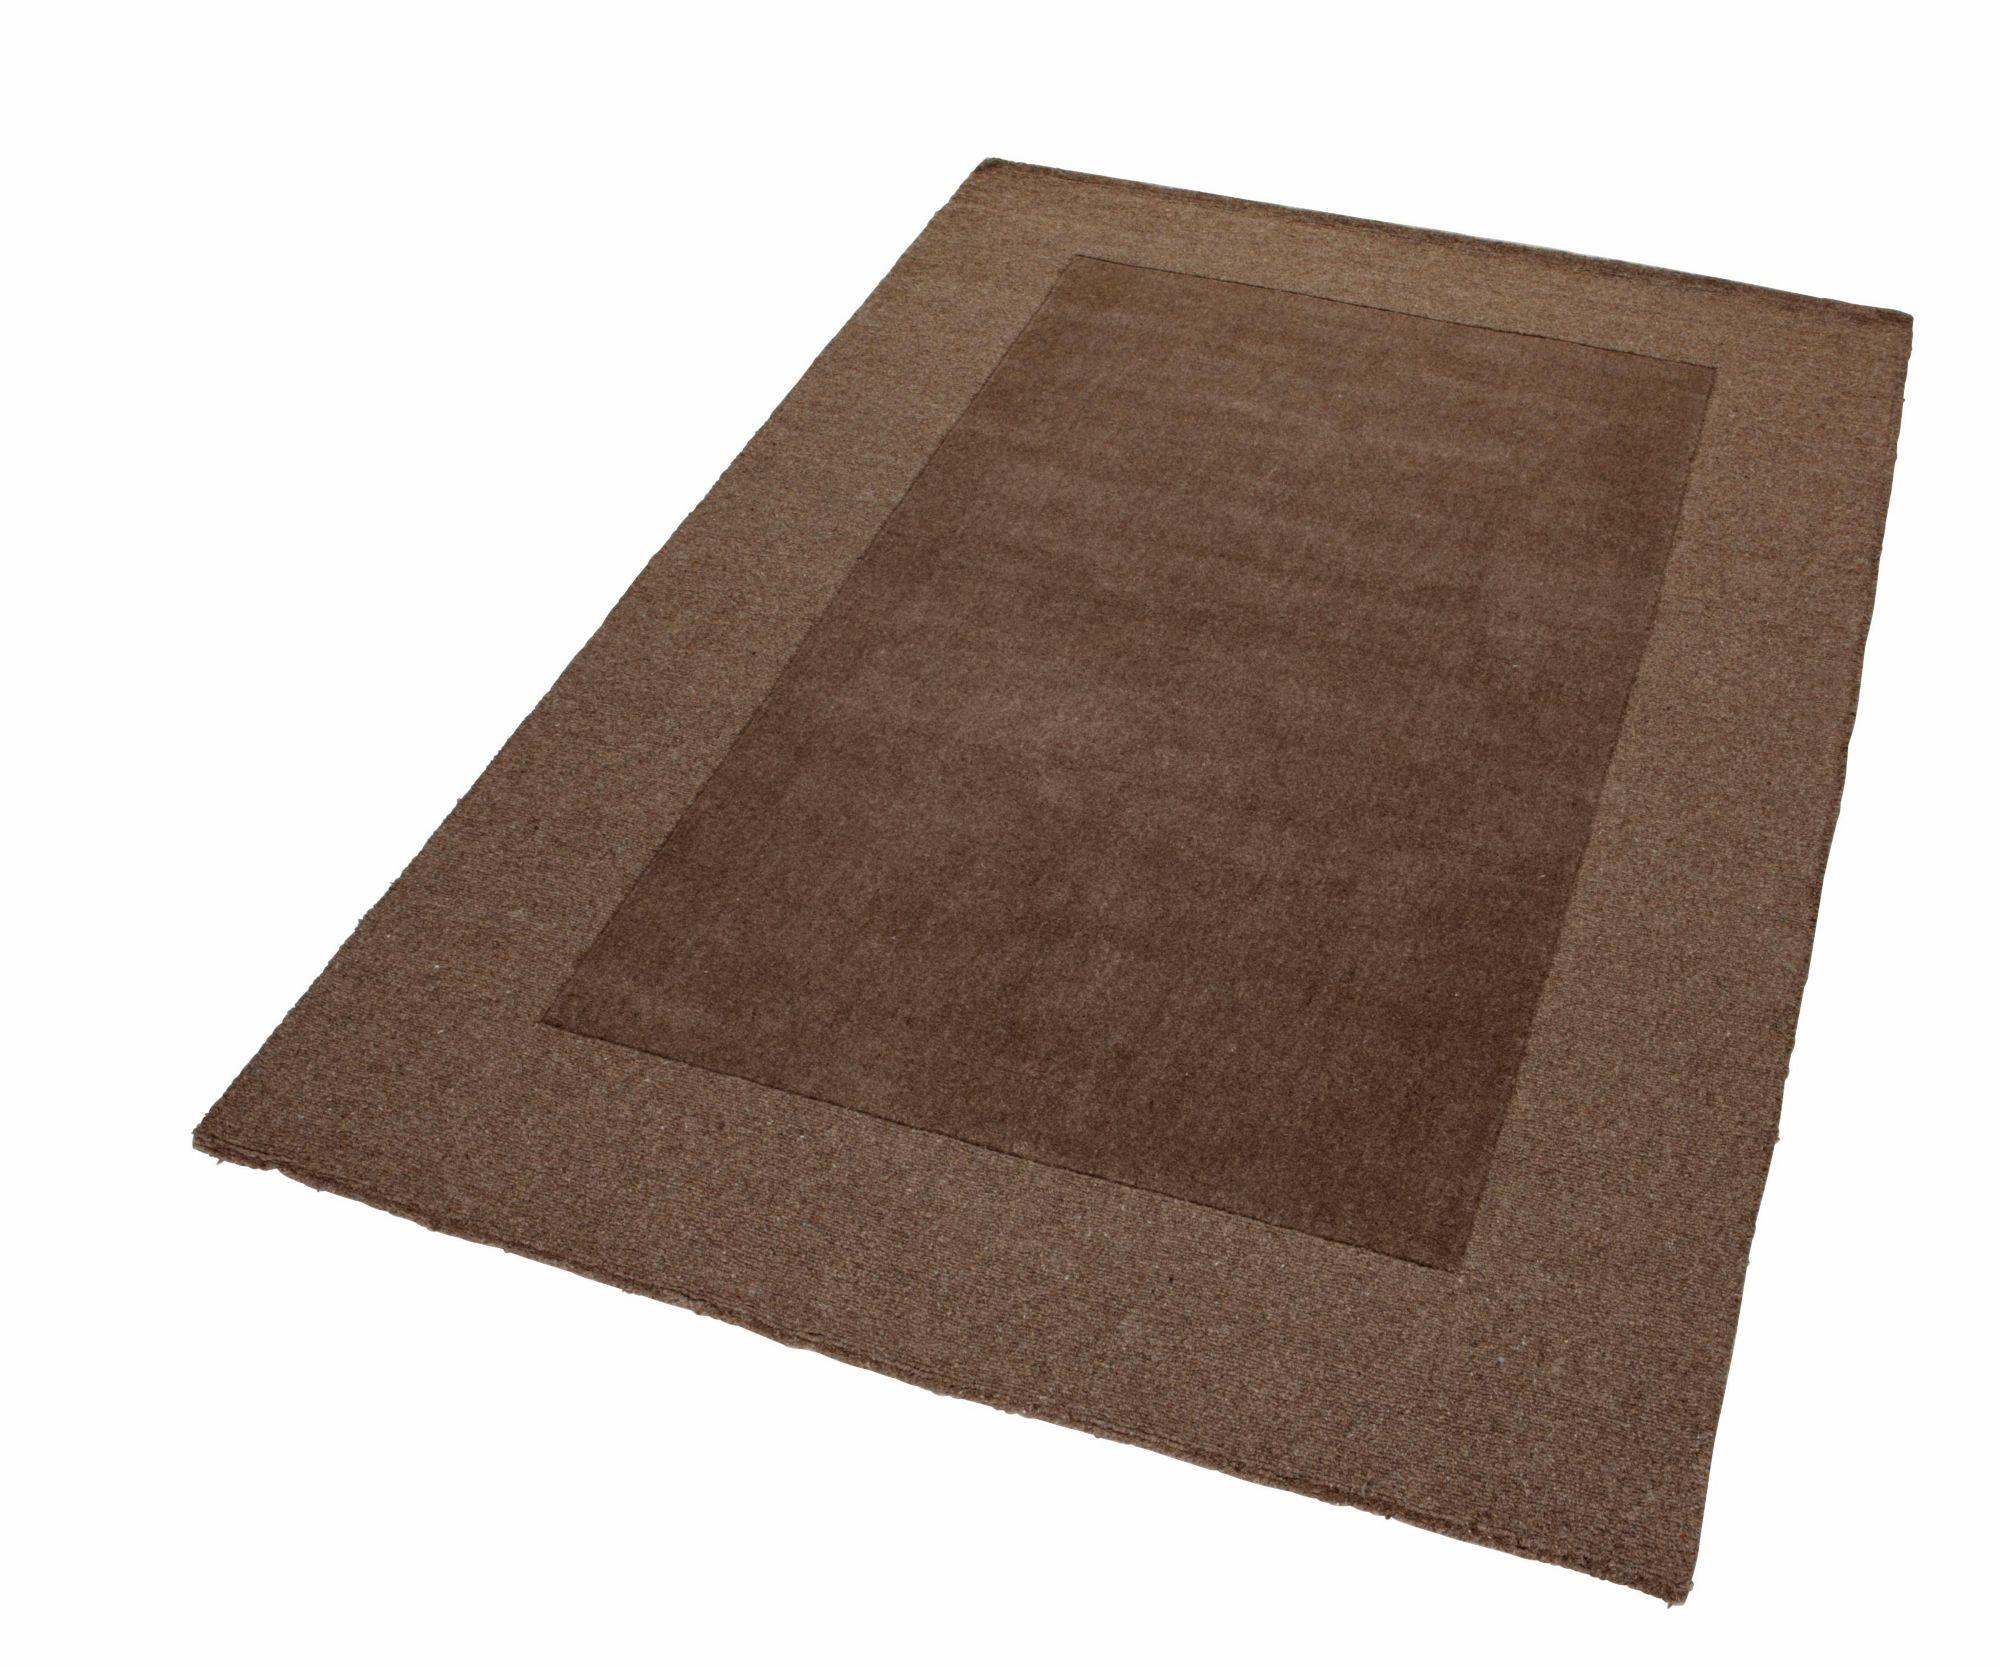 HOME AFFAIRE COLLECTION Teppich, Home Affaire Collection, »Durg«, handgewebt, reine Schurwolle